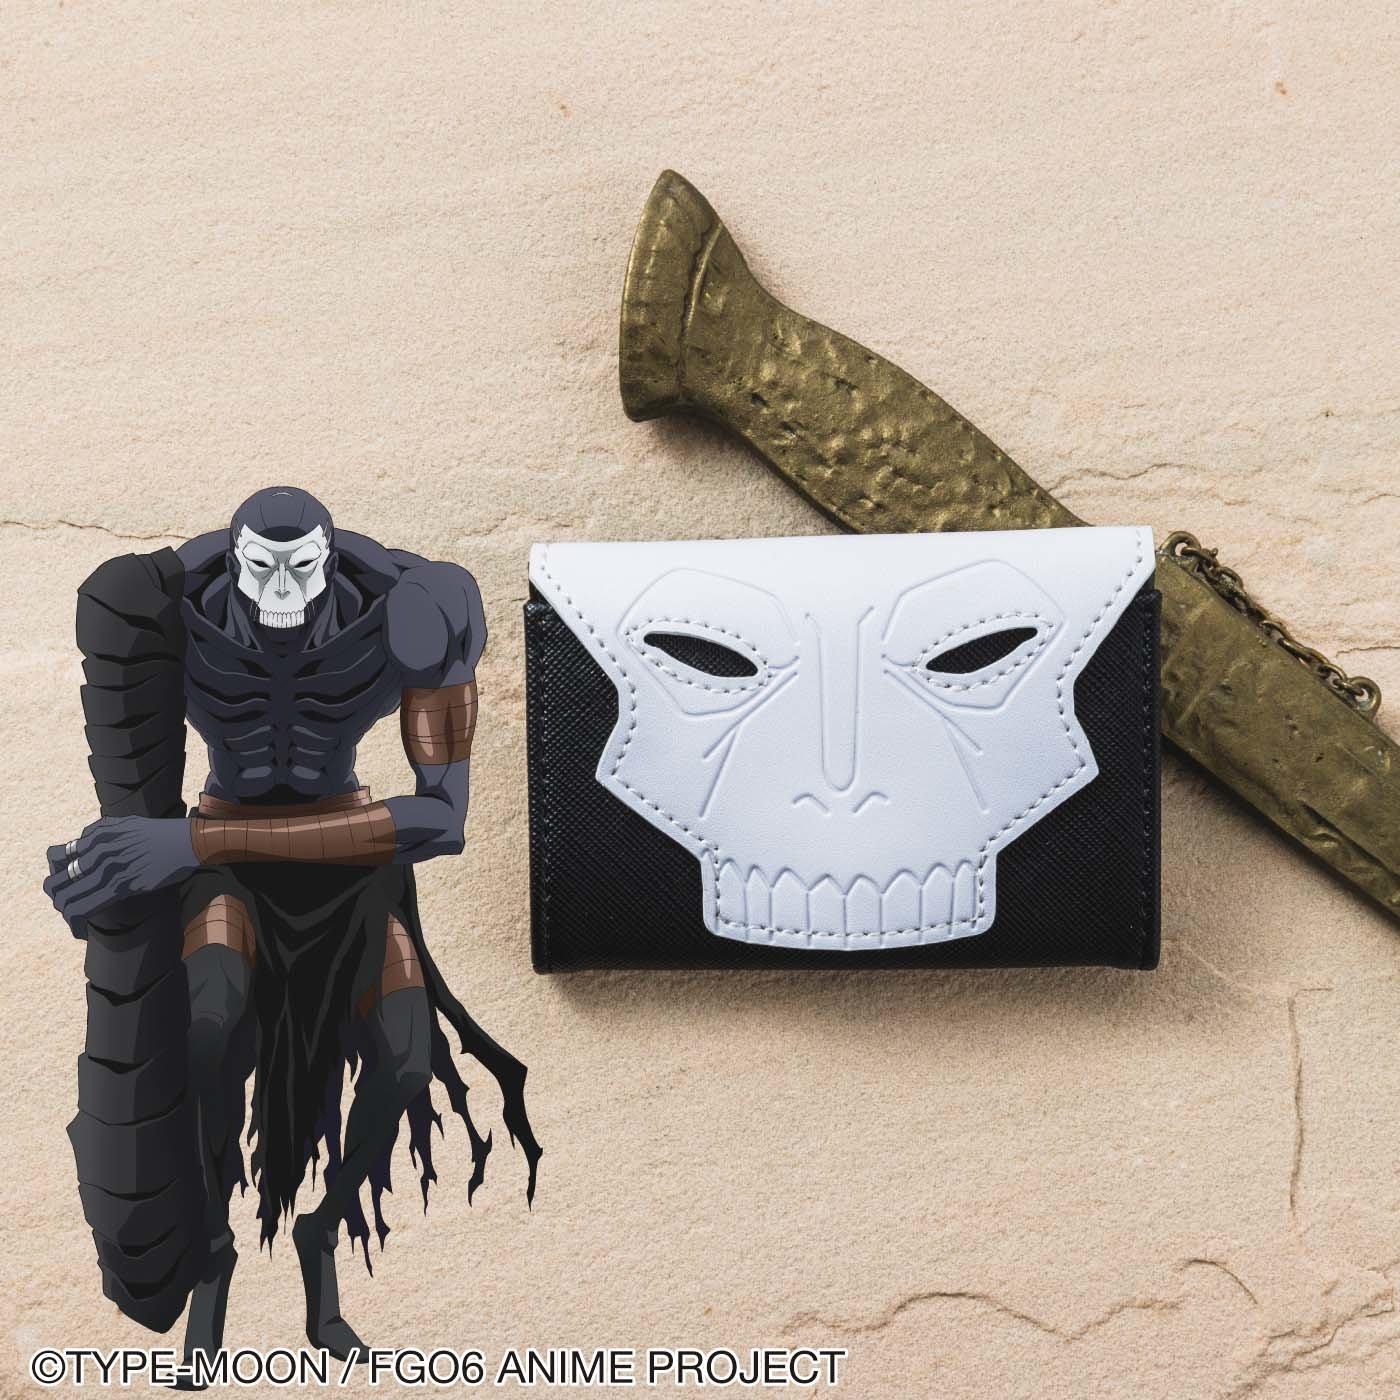 劇場版Fate/Grand Order-神聖円卓領域キャメロット- ハサンの仮面キーケース 〈呪腕のハサン〉